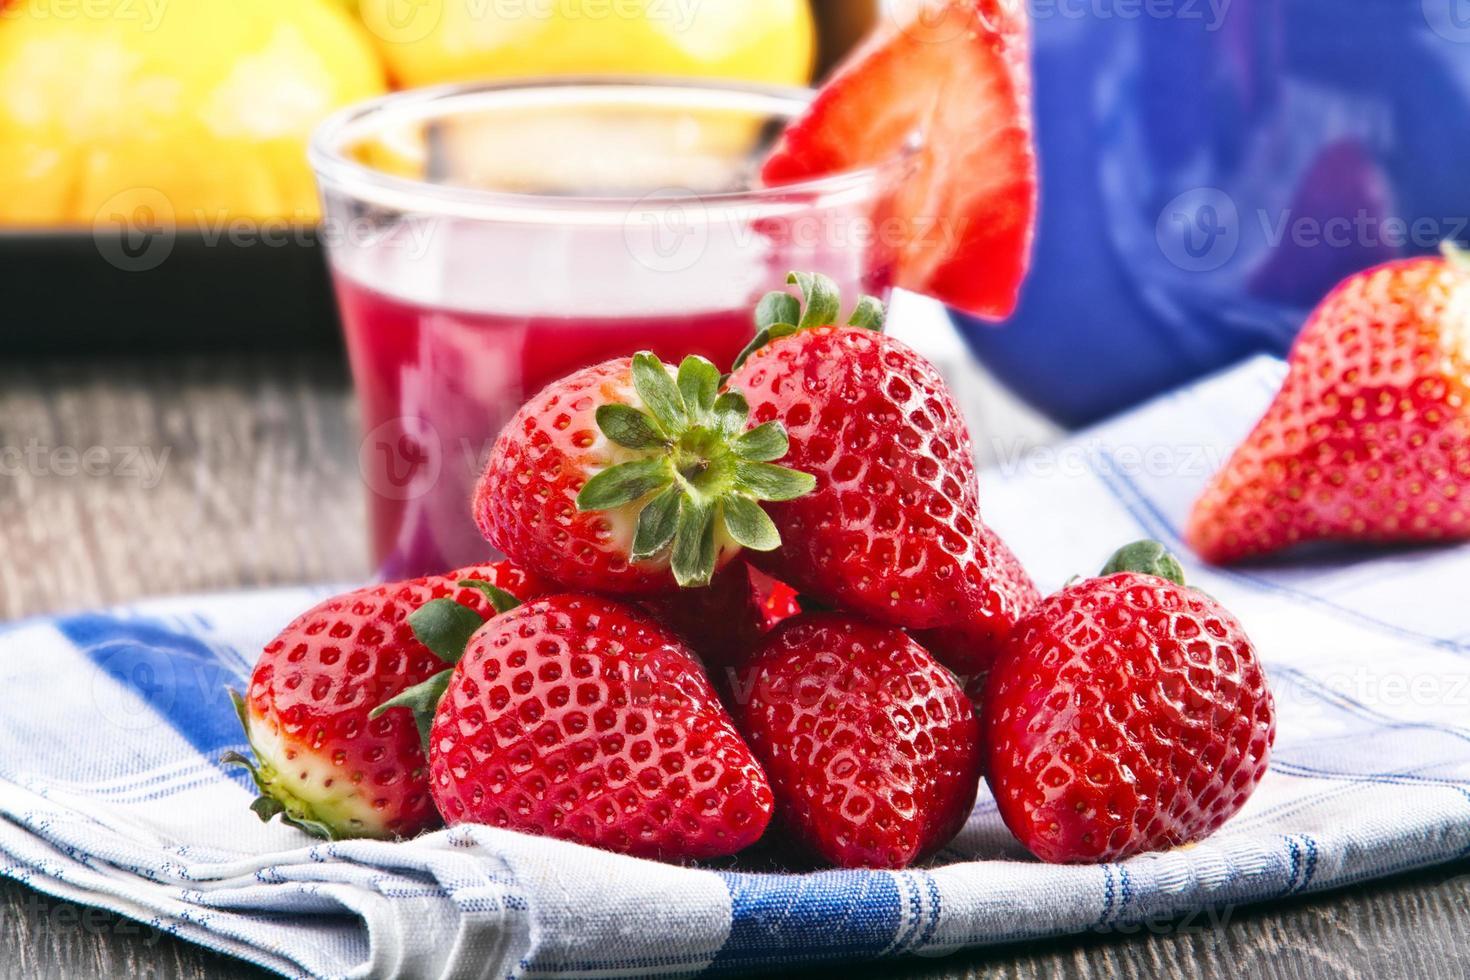 aardbeien, sinaasappel, appel en sap. foto